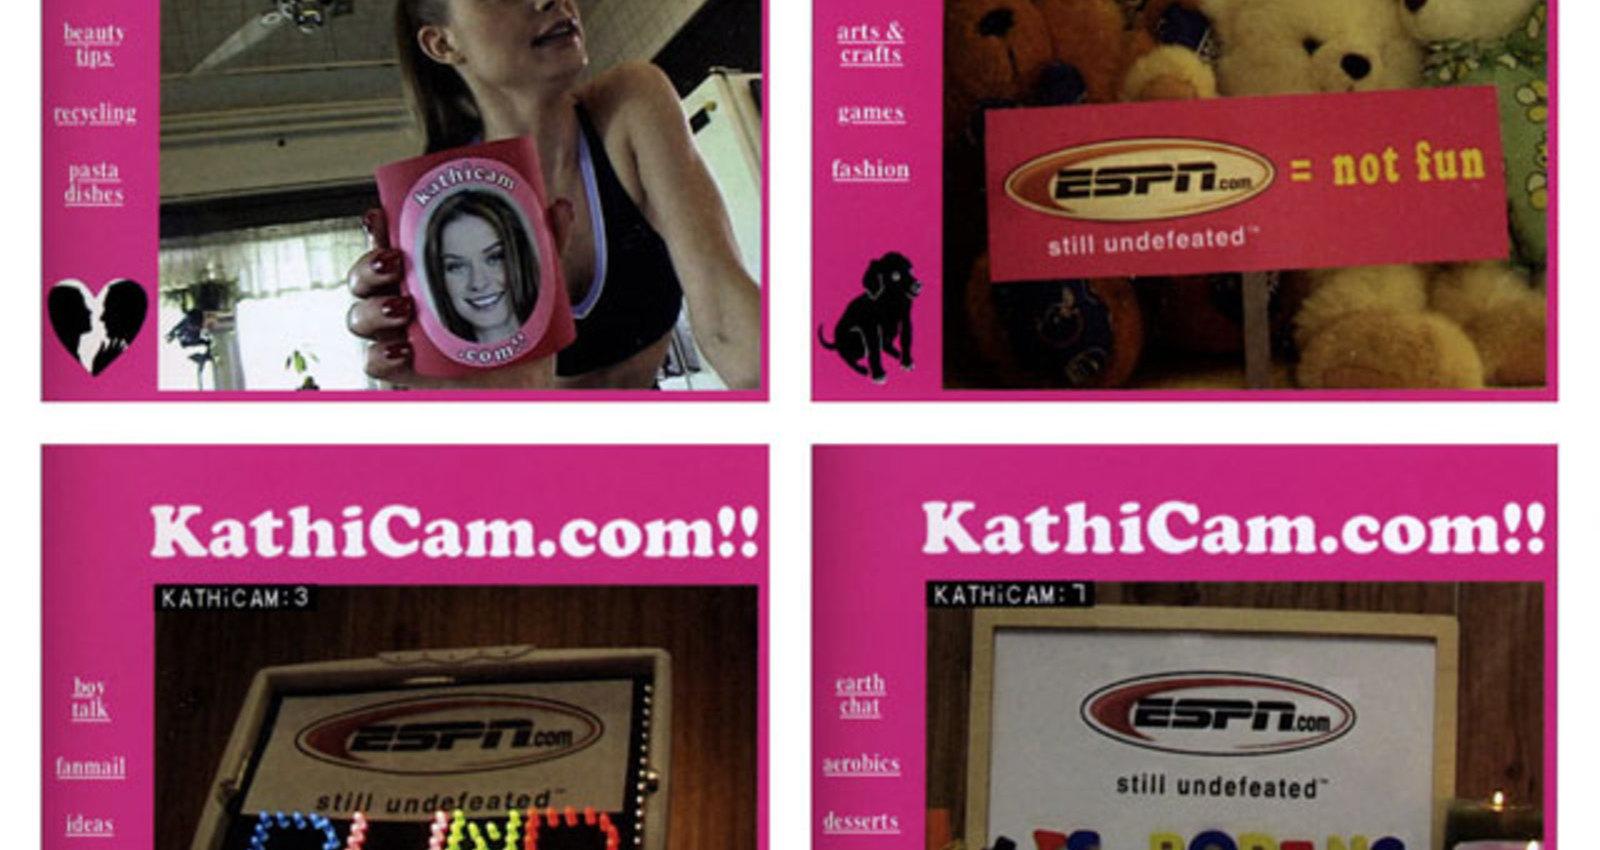 ESPN.com - Kathicam